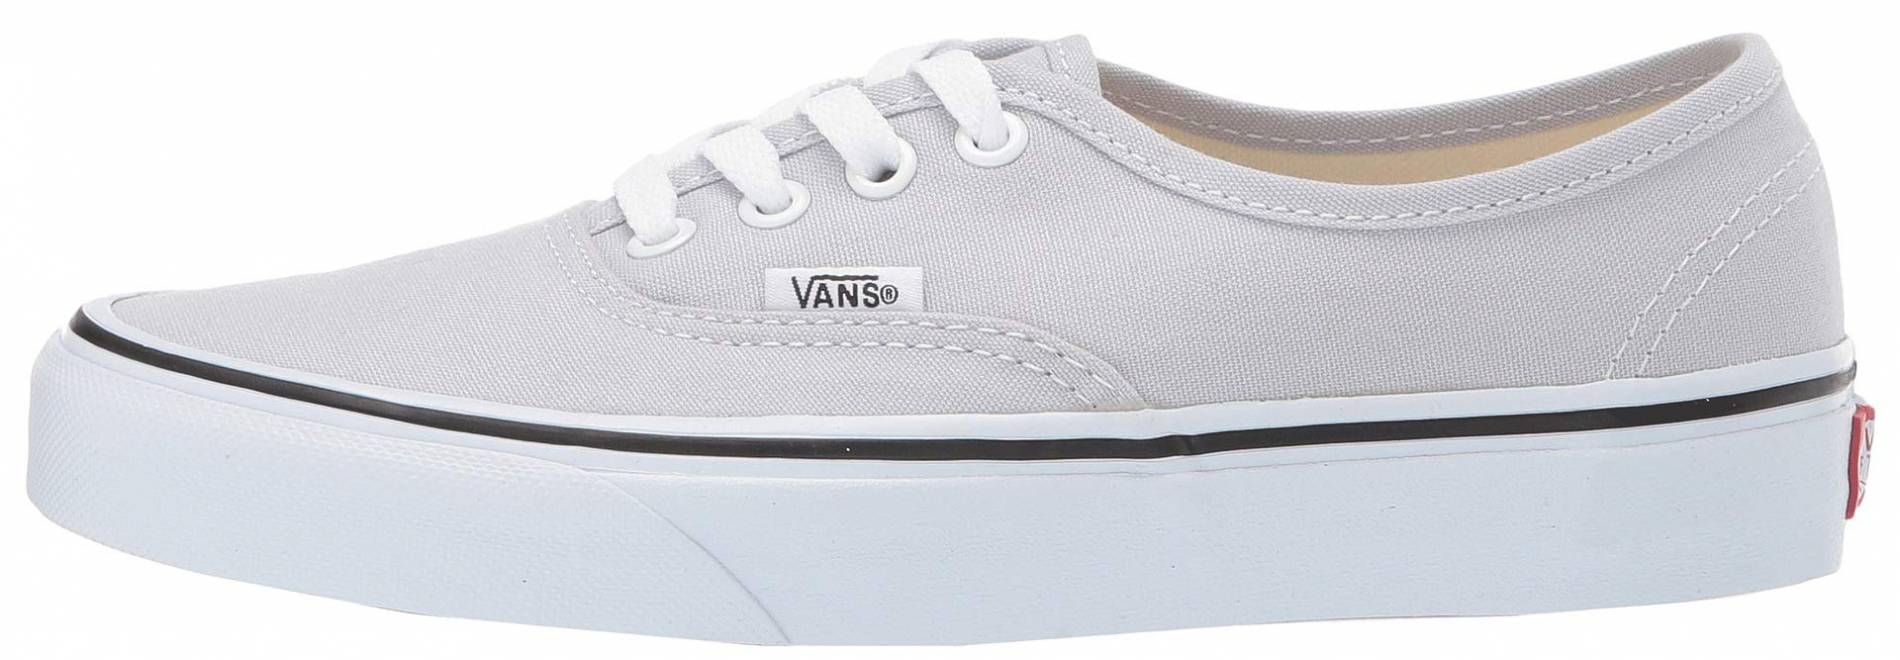 vans unisex authentic sneakers, OFF 78%,Buy!